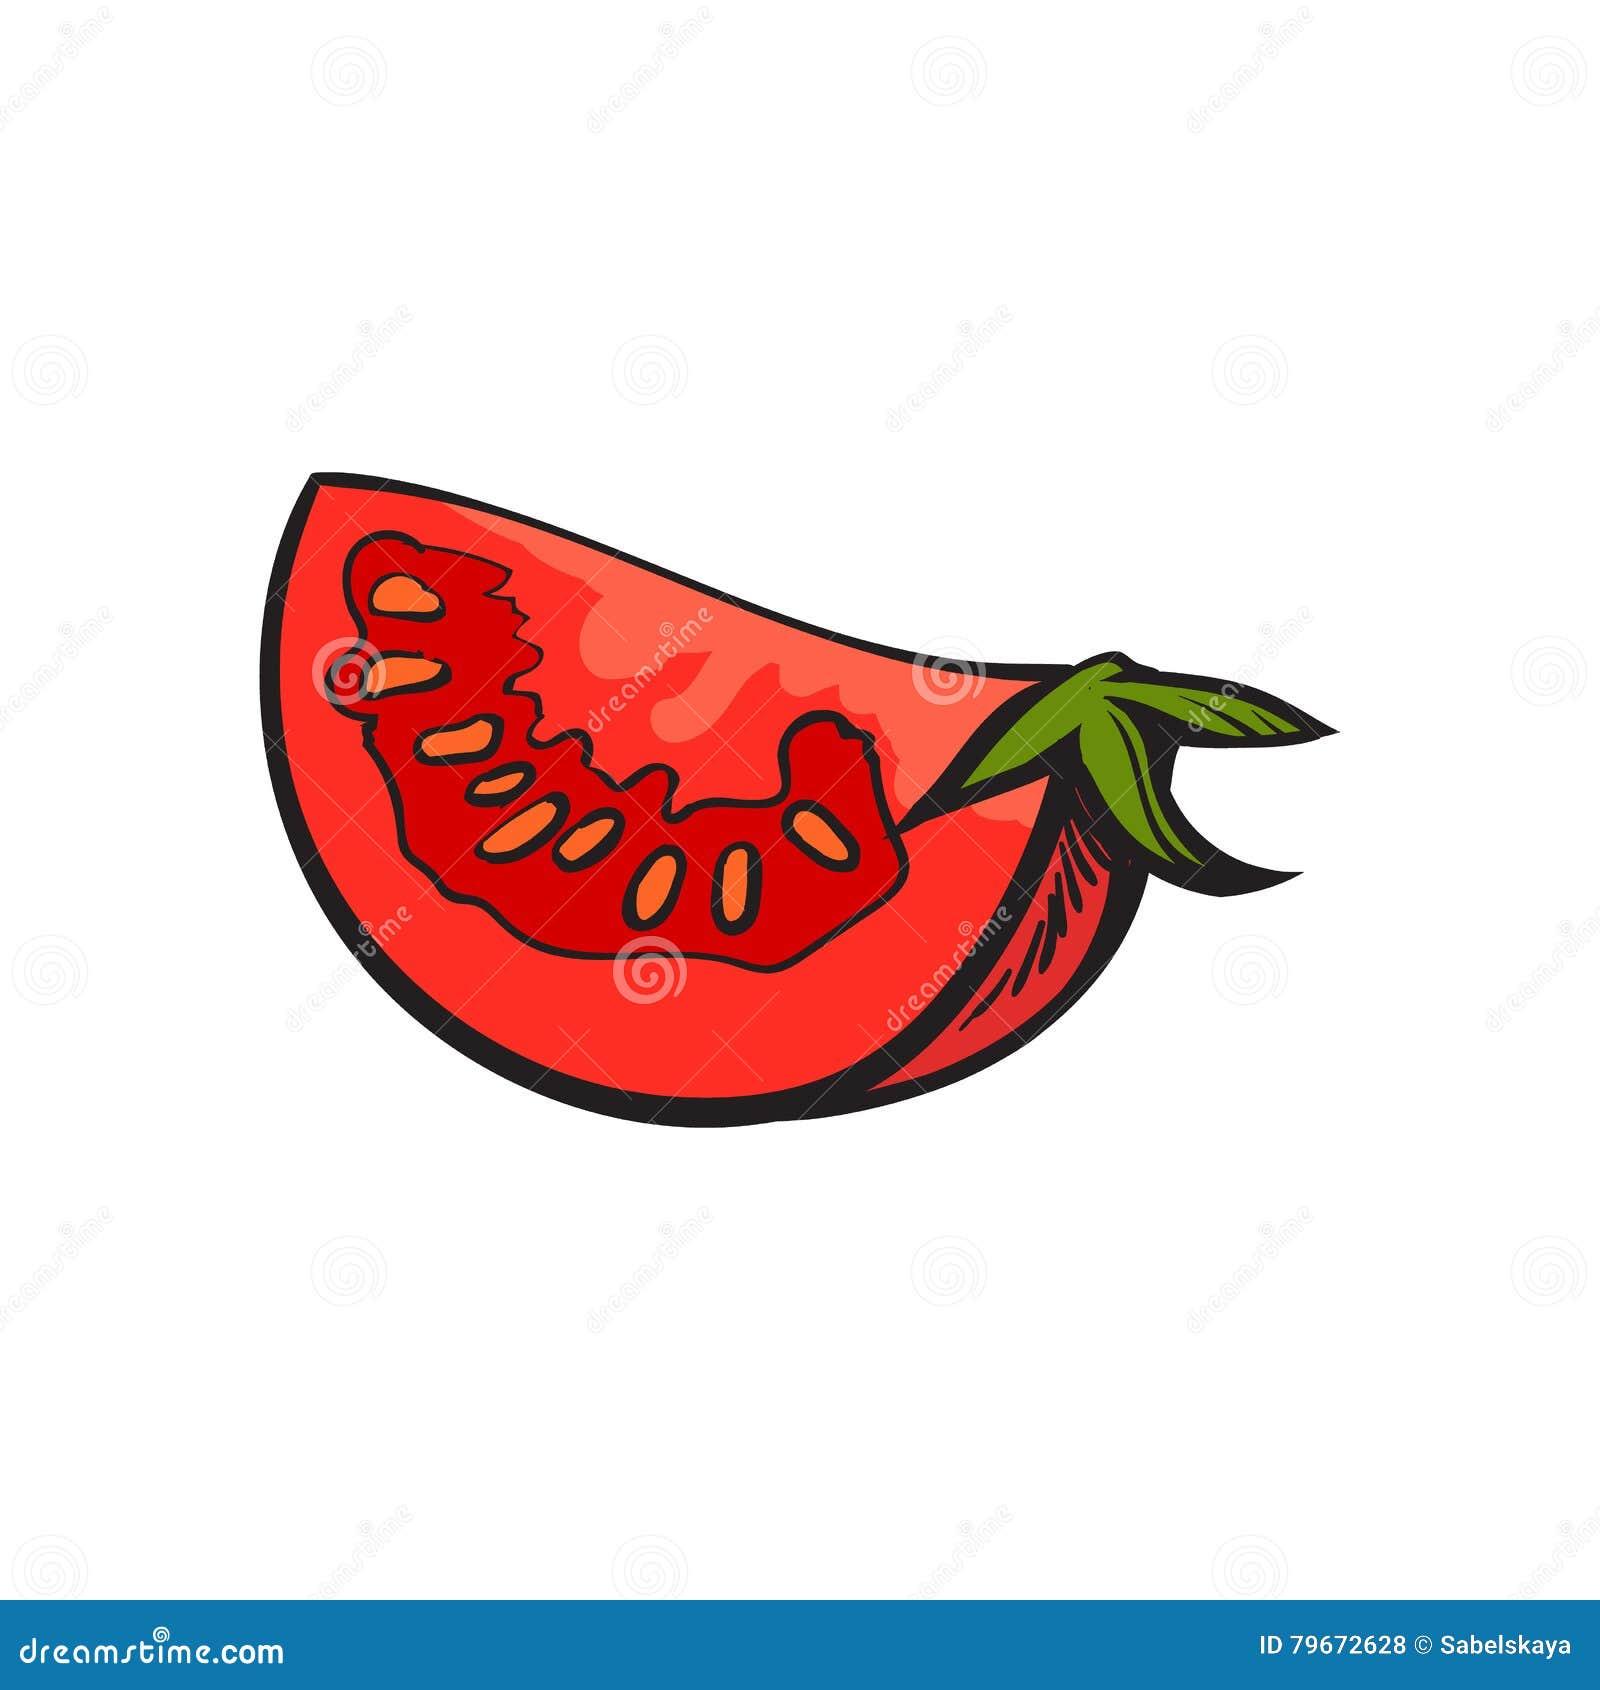 Esquissez le dessin de style de la tranche rouge m re de tomate illustration de vecteur - Dessin de tomate ...